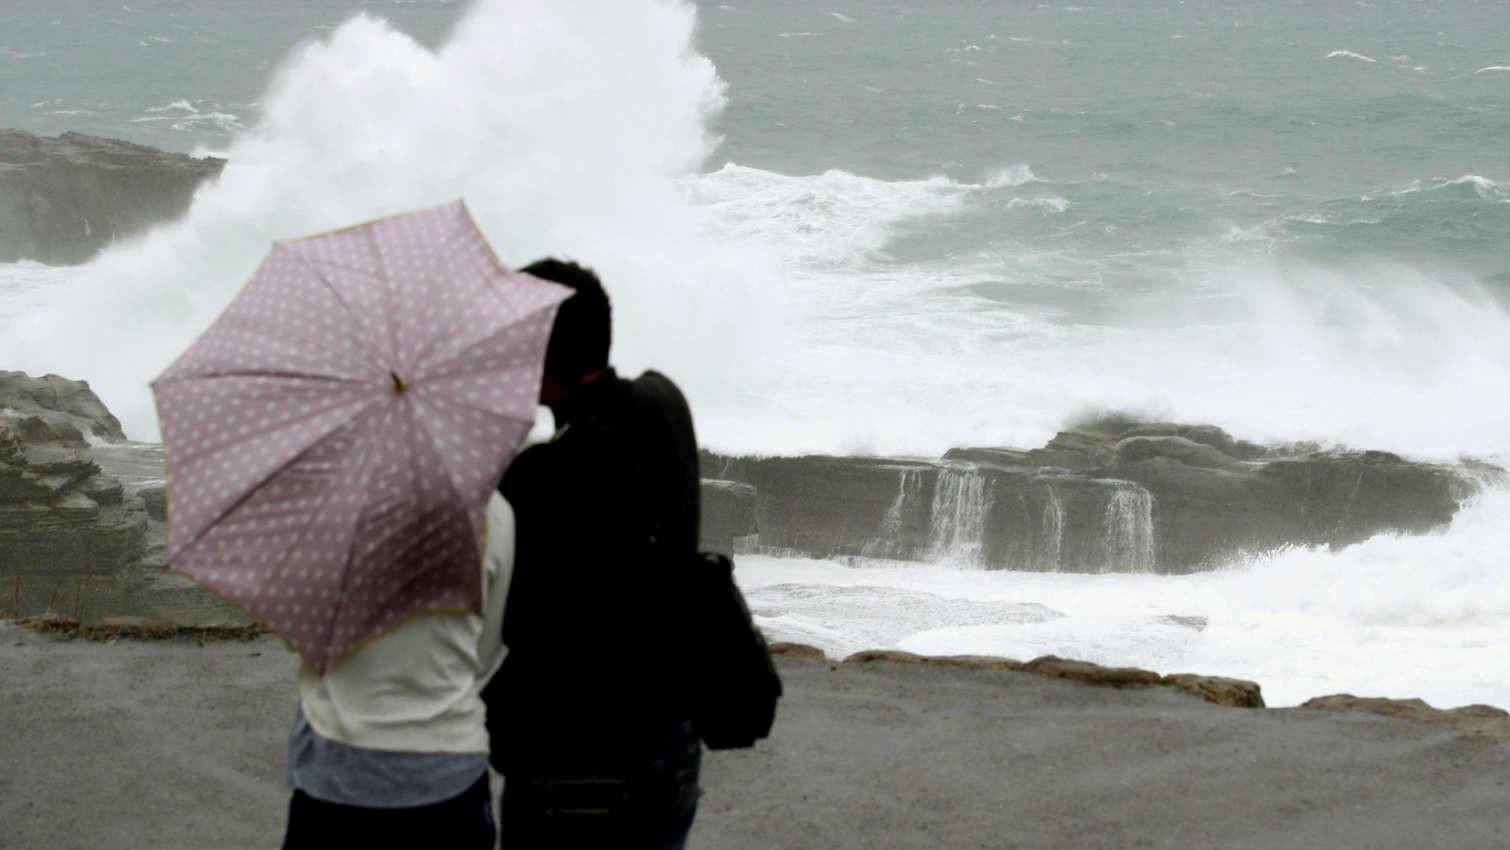 Tokyo quiet, bracing for worst typhoon in 6 decades